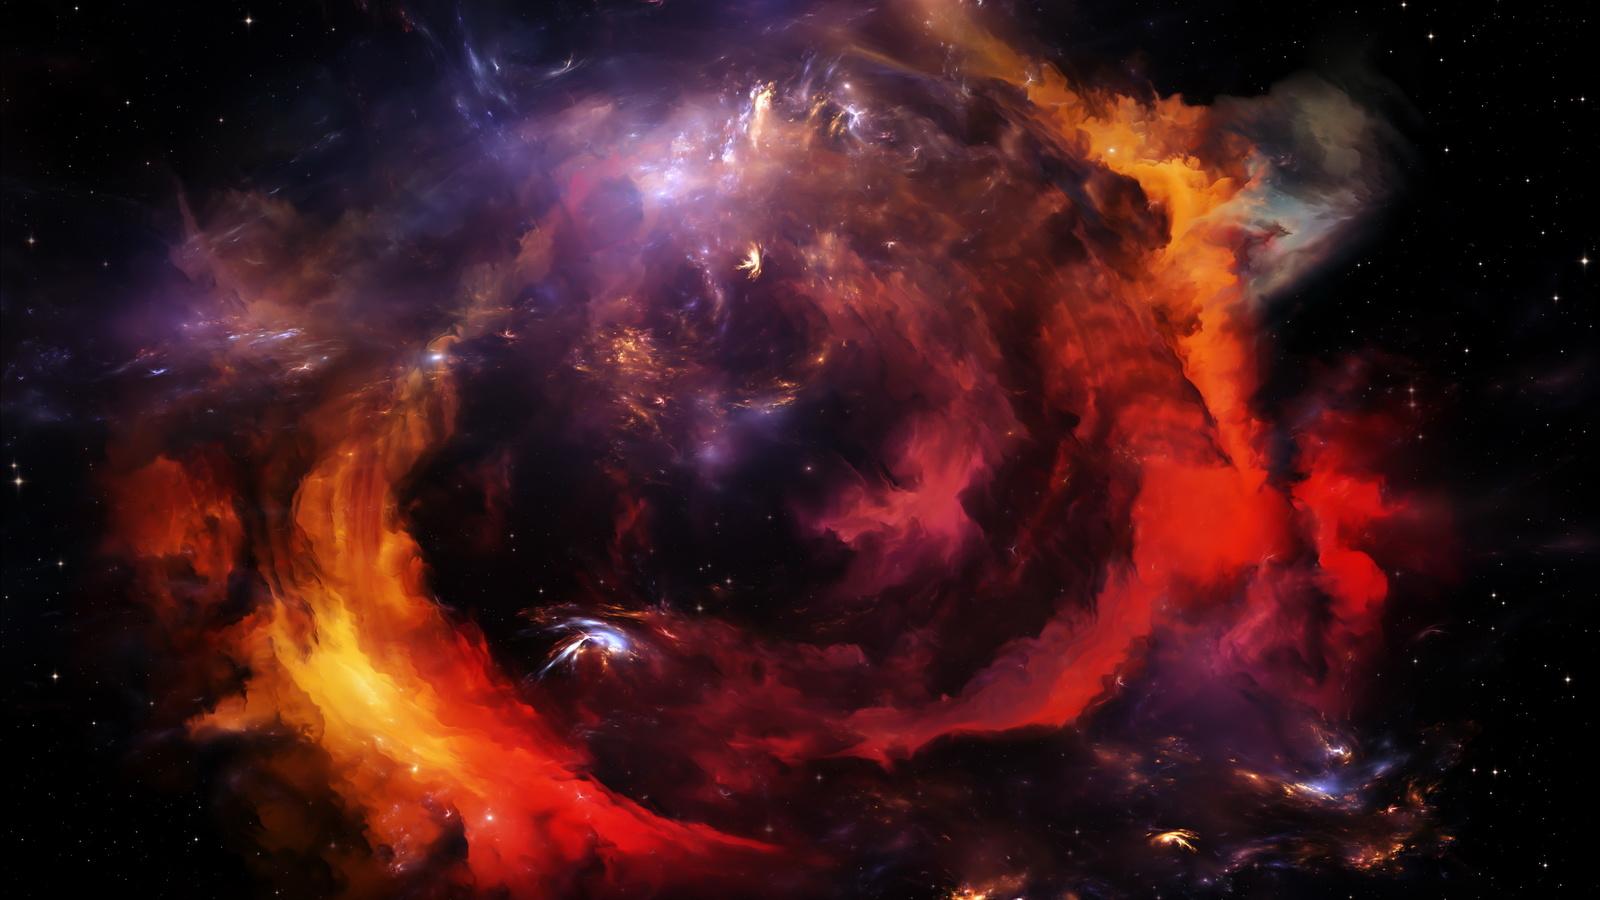 космос, звезды, вселенная, space, universe, background, stars, astral